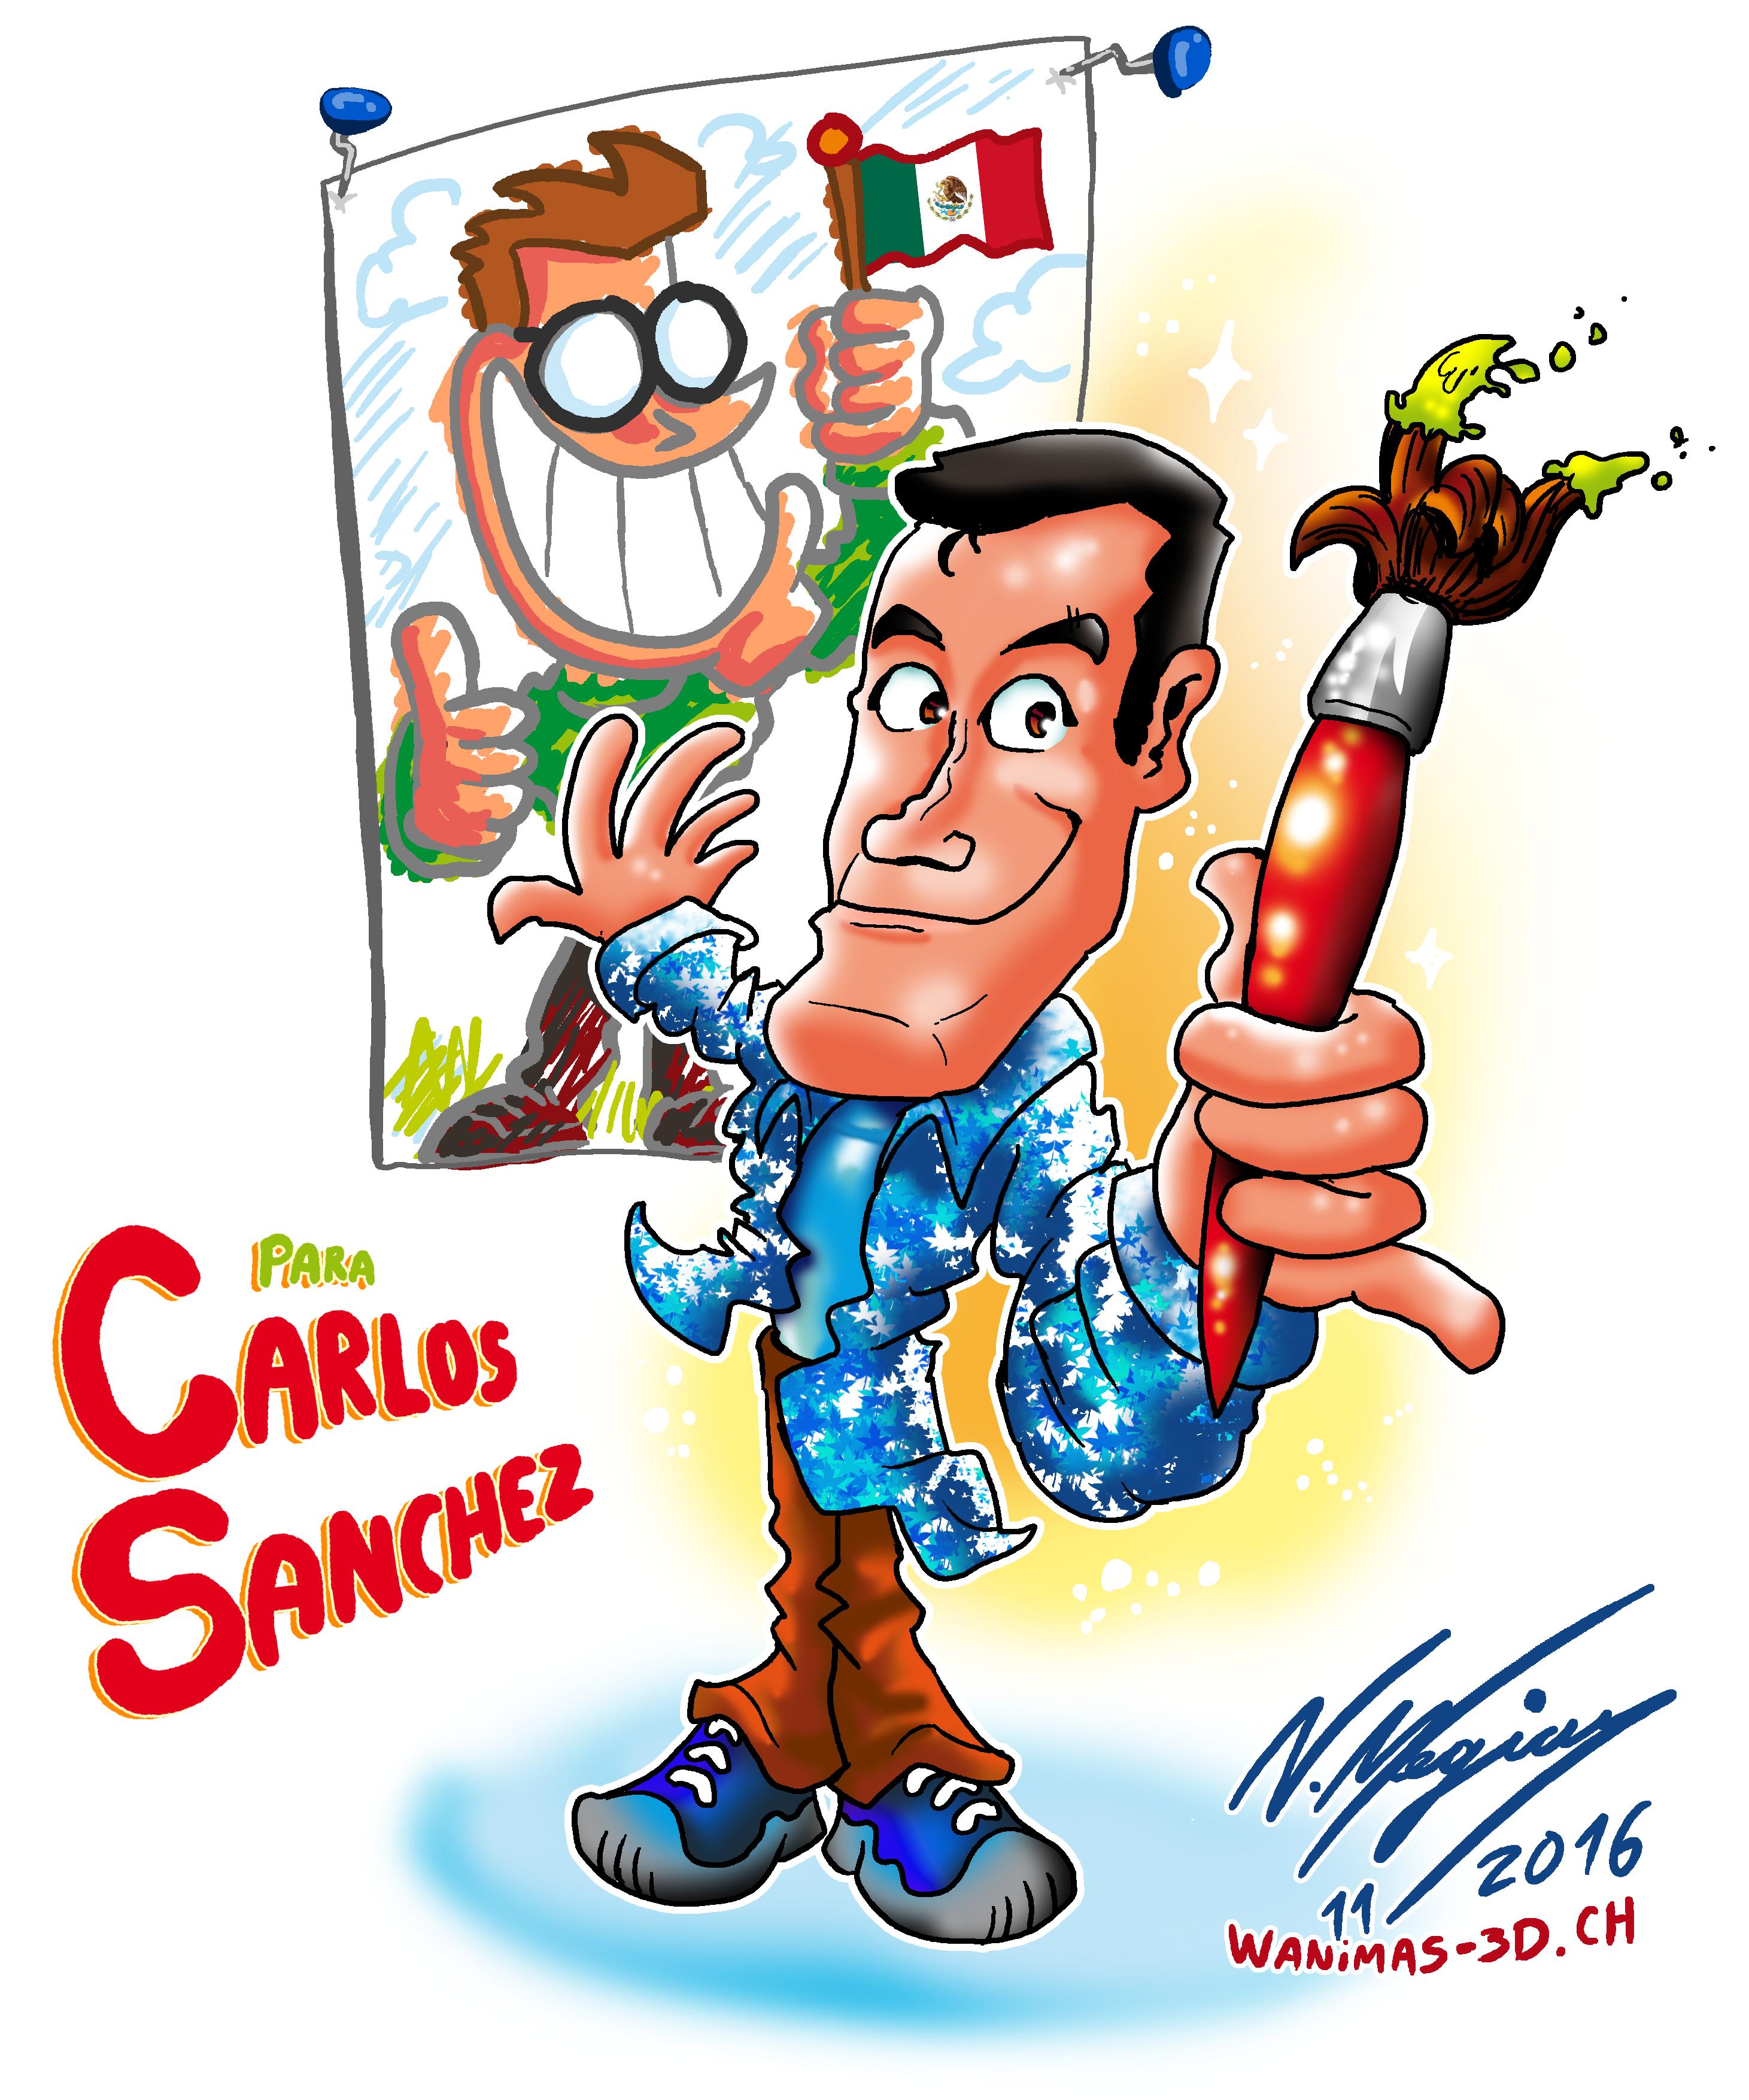 Carlos Sanchez 11.2016